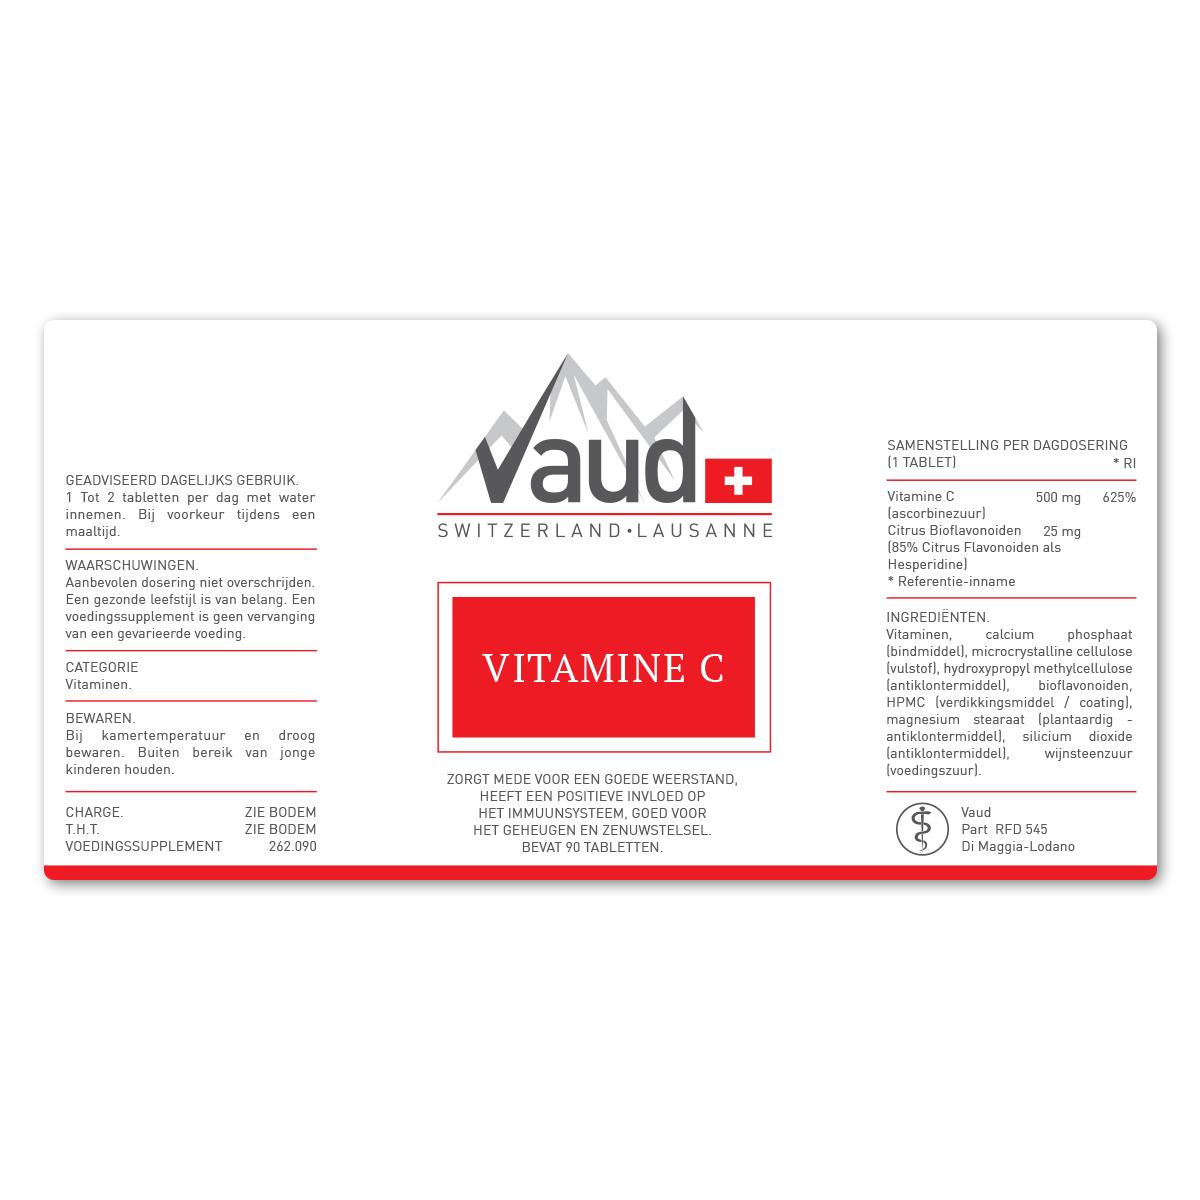 vitamine-c-vaud